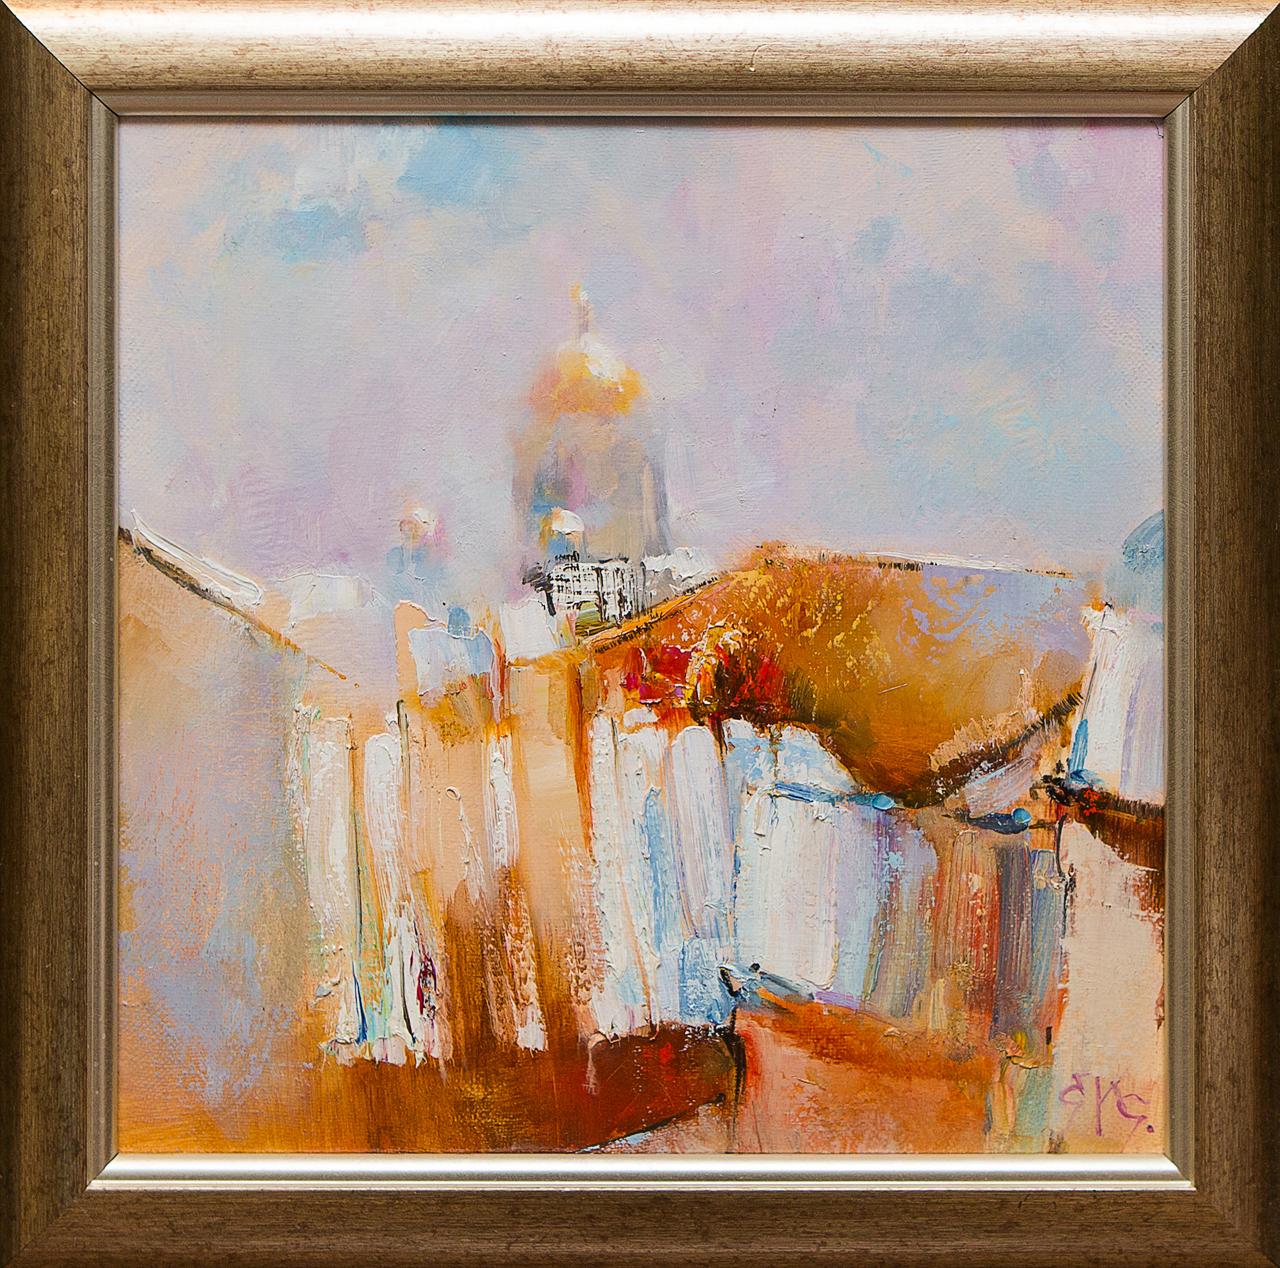 Картина маслом Исаакиевский собор с крыши Сухоплюев картина маслом исаакиевский собор с крыши сухоплюев